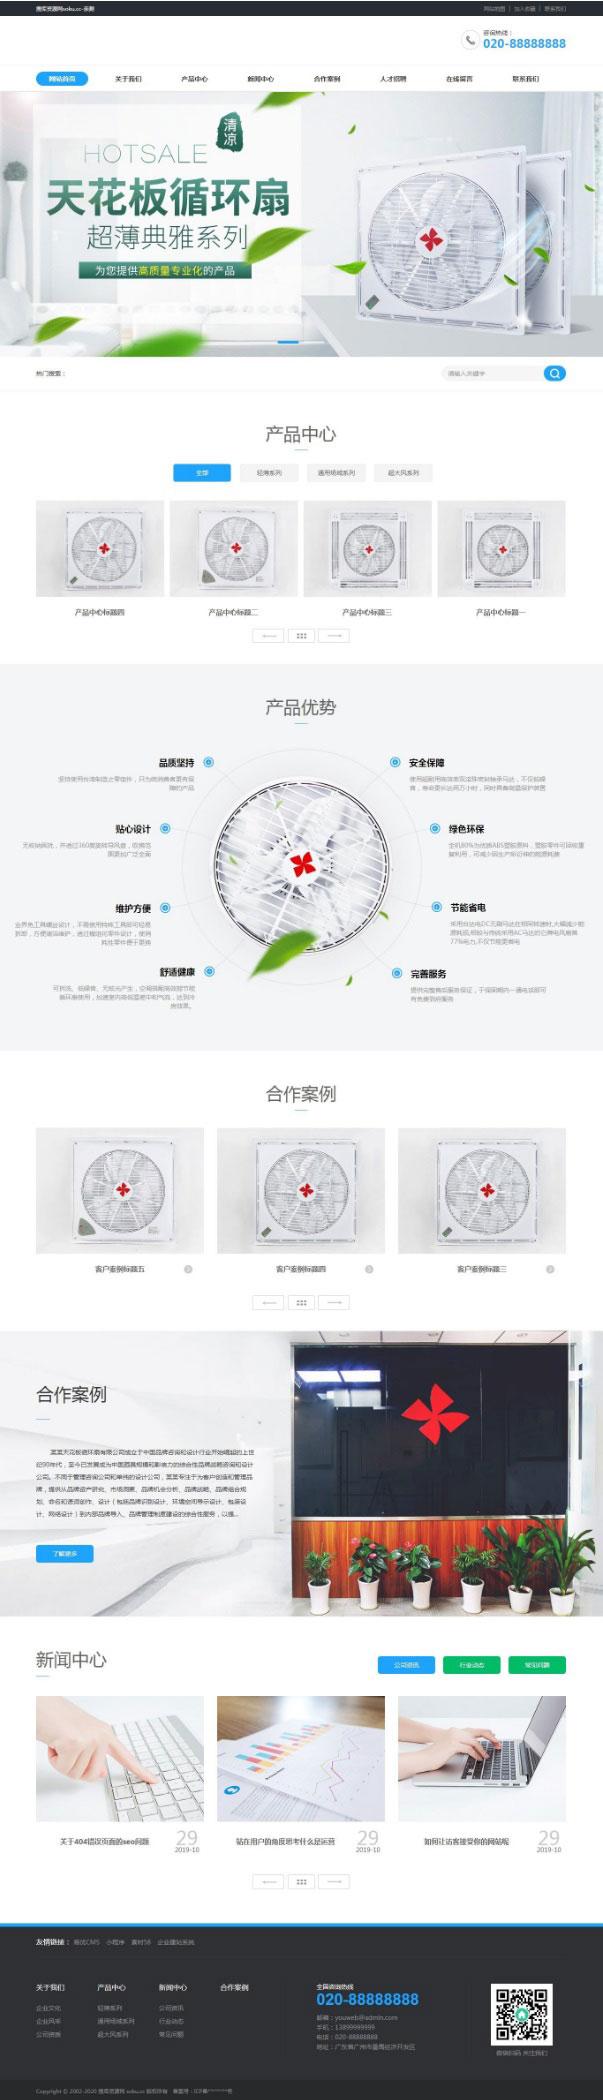 营销型天花板循环扇类网站源码 塔扇风扇空调扇制冷设备 dede 模板